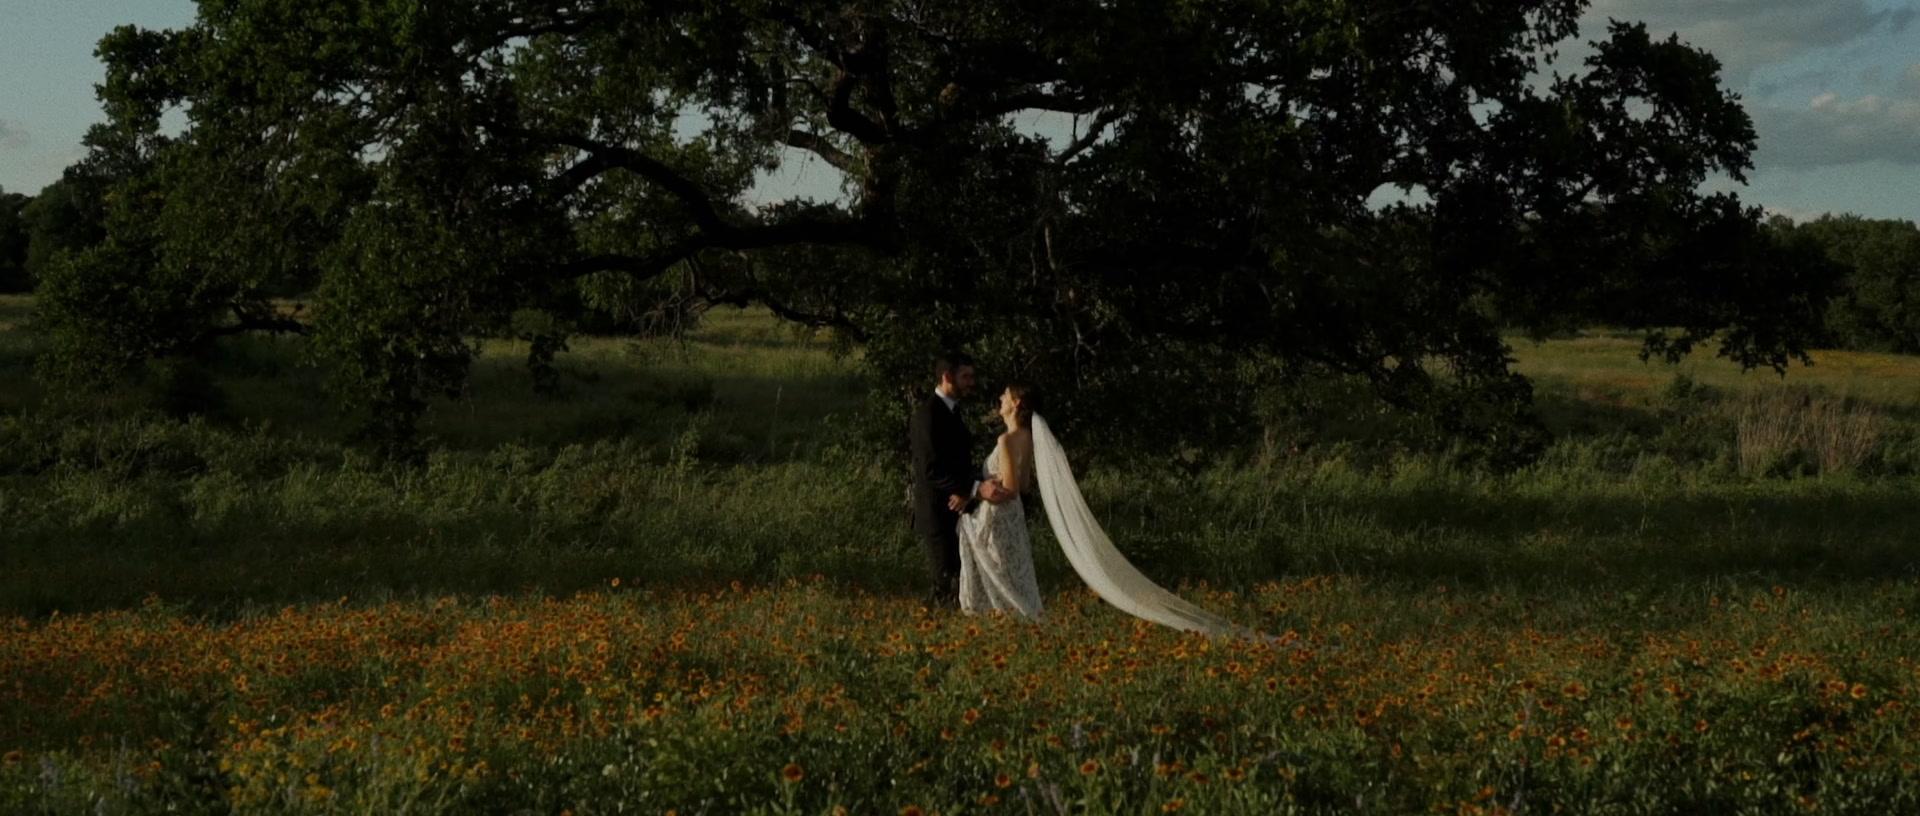 Erin + Brent  | Austin, Texas | Lady Bird Johnson Wildflower Center